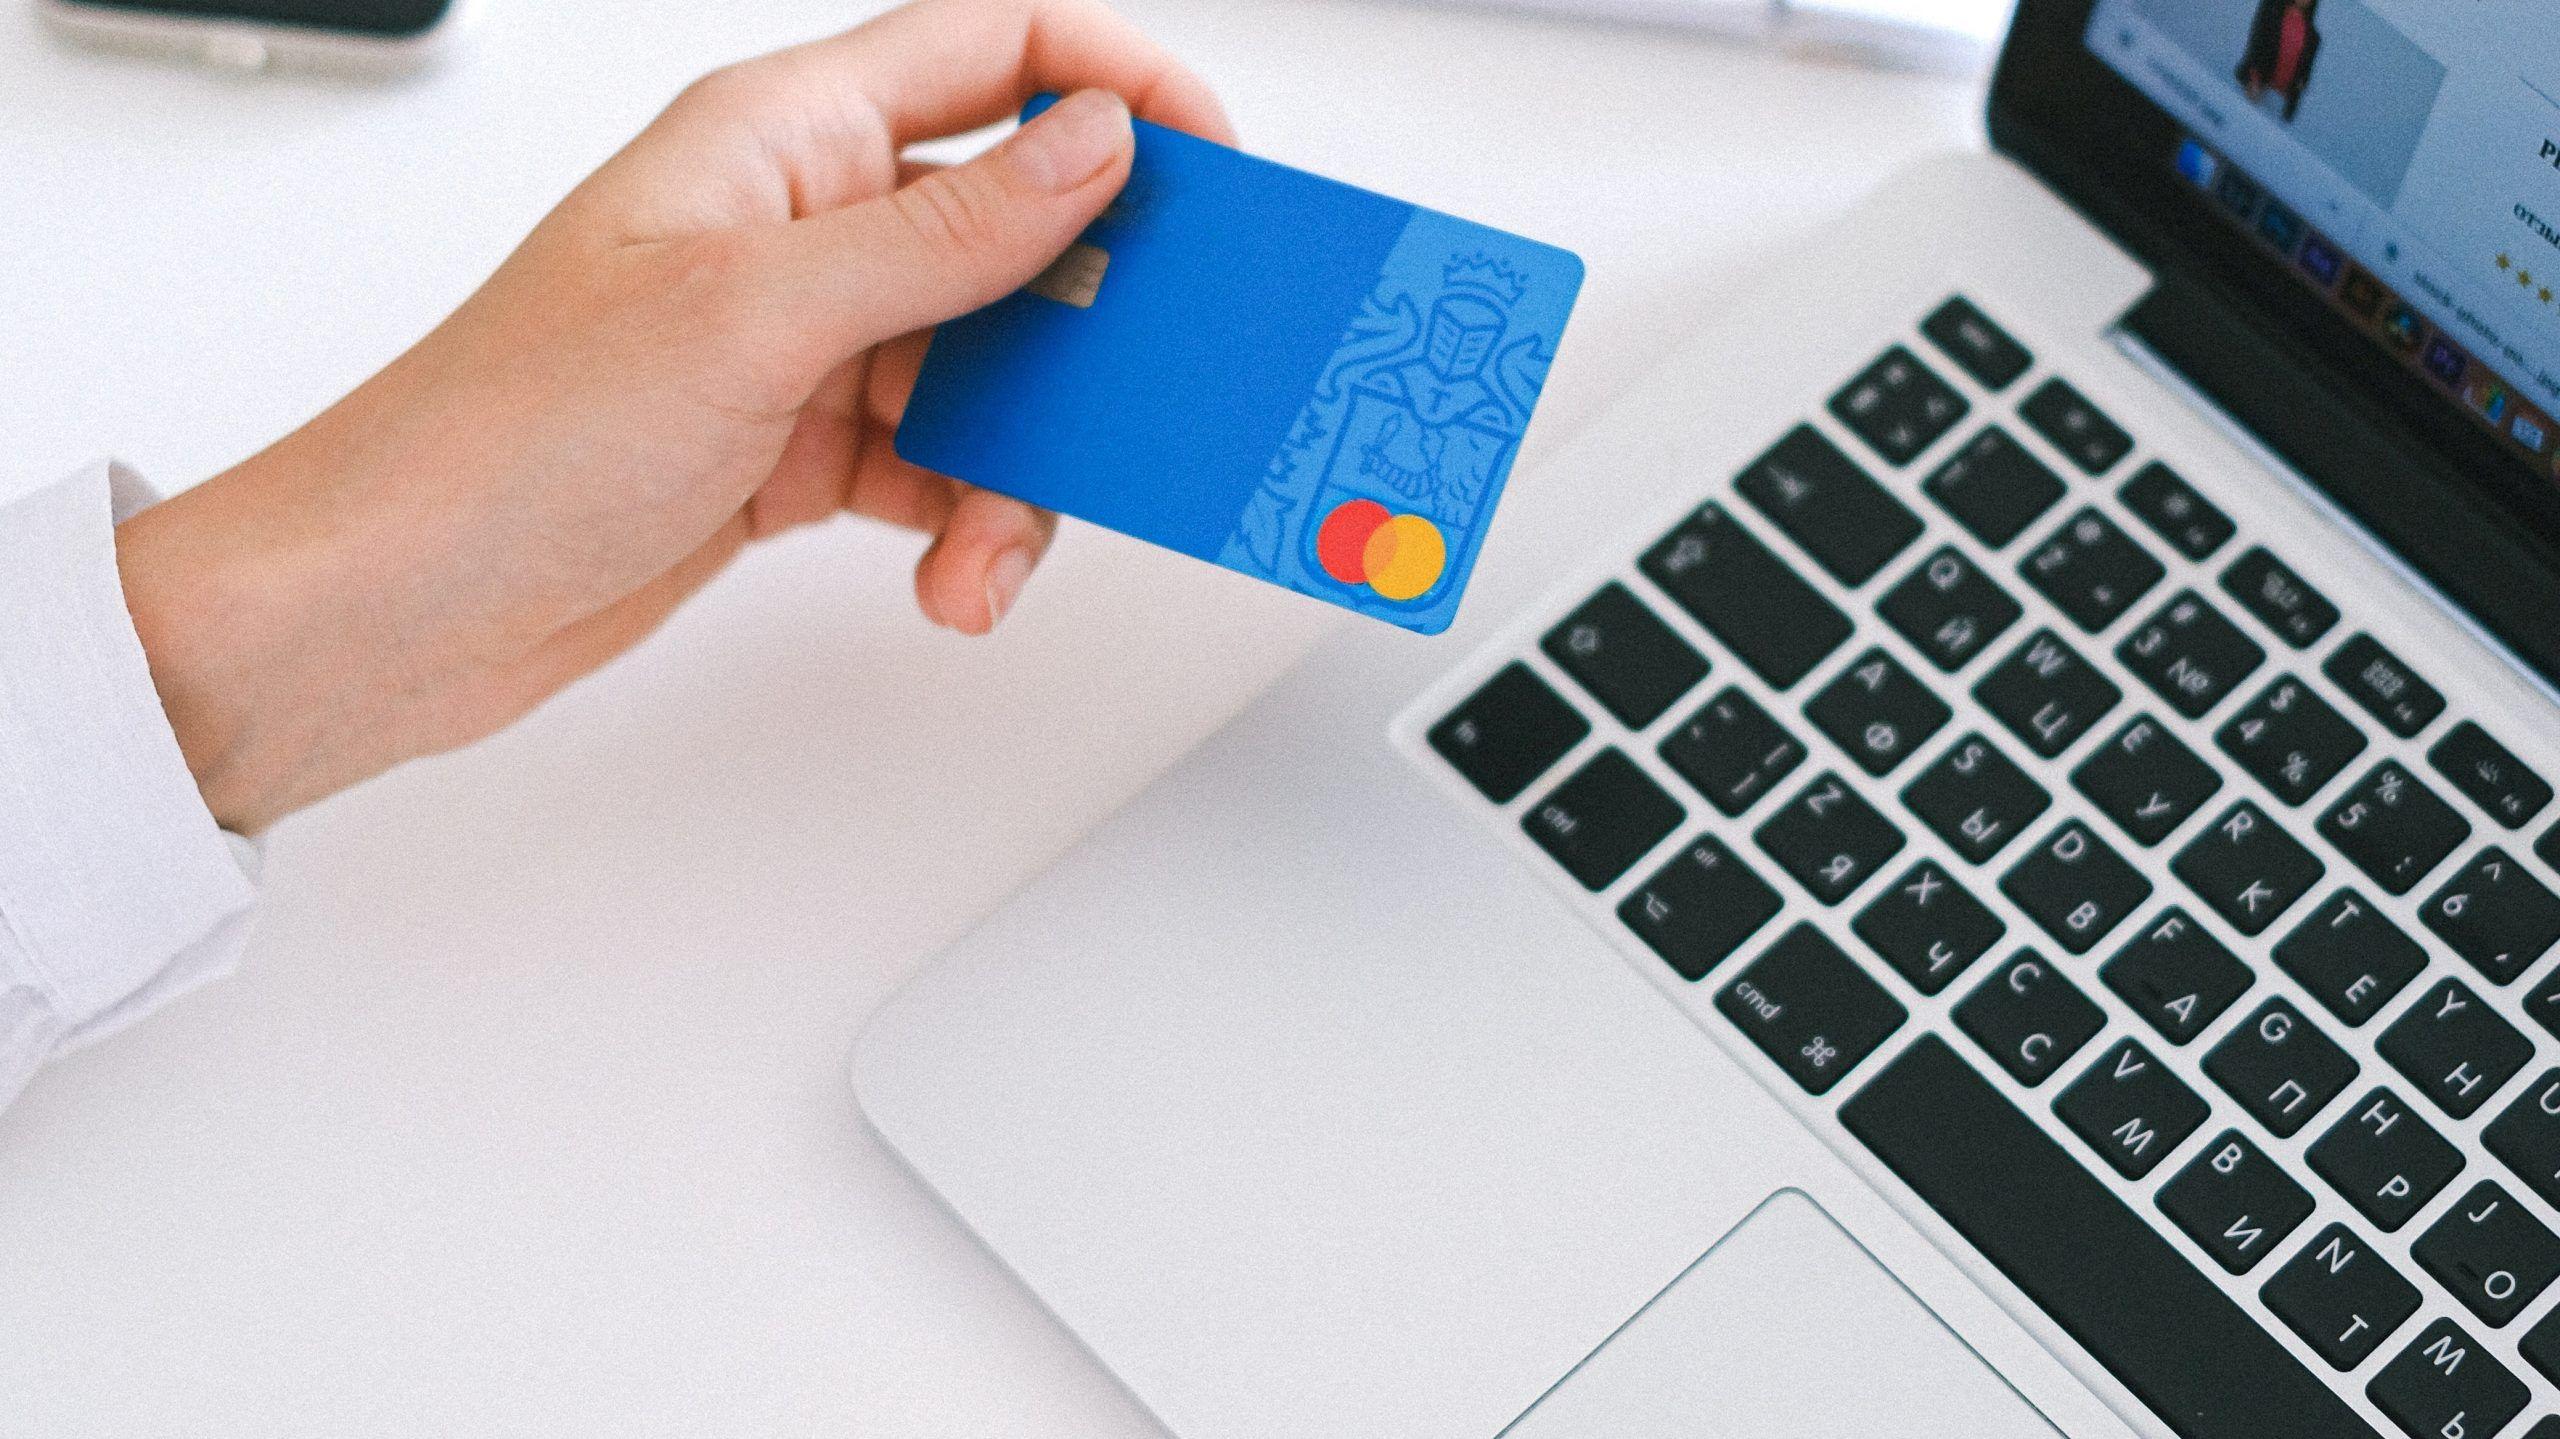 Compras por Internet: 20 consejos para compras online seguras 5